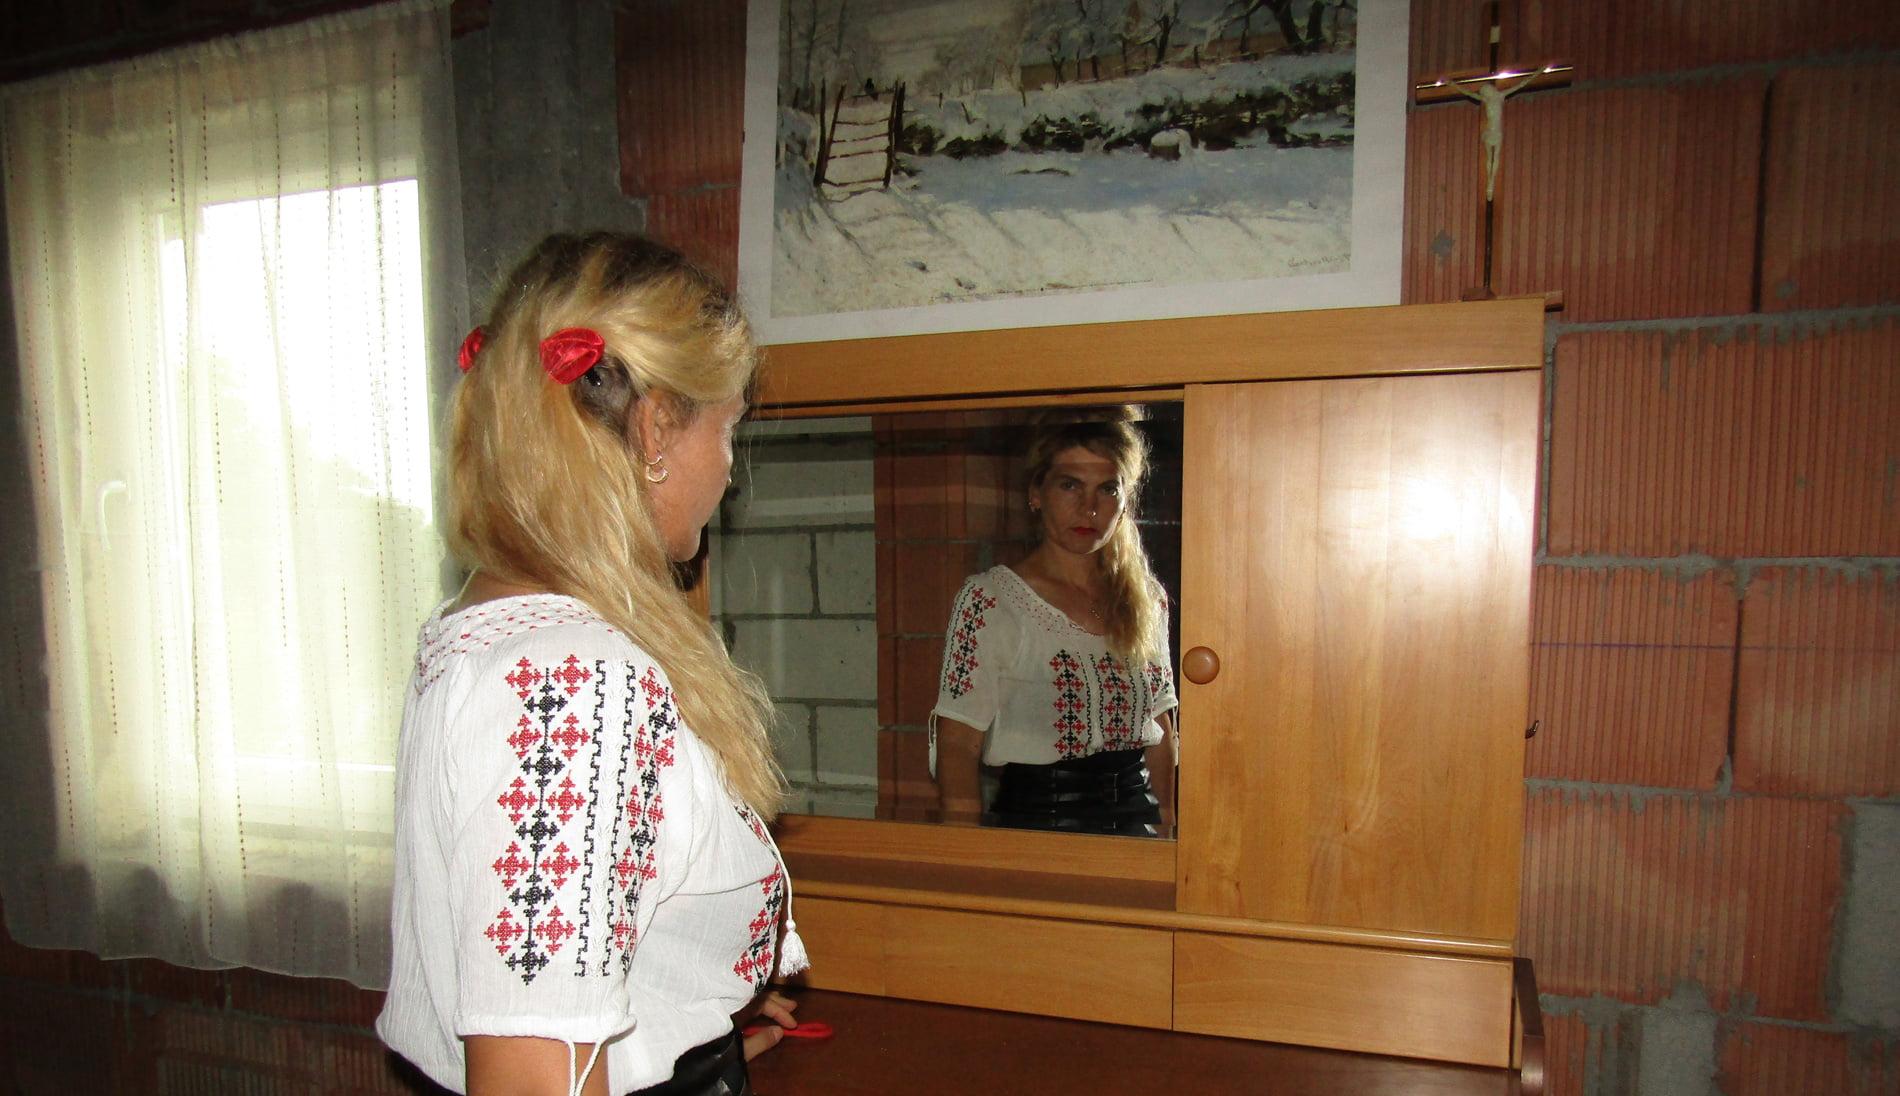 Criză existențială: Ce vezi când te uiți în oglindă? – guest post Cristina Gherghel